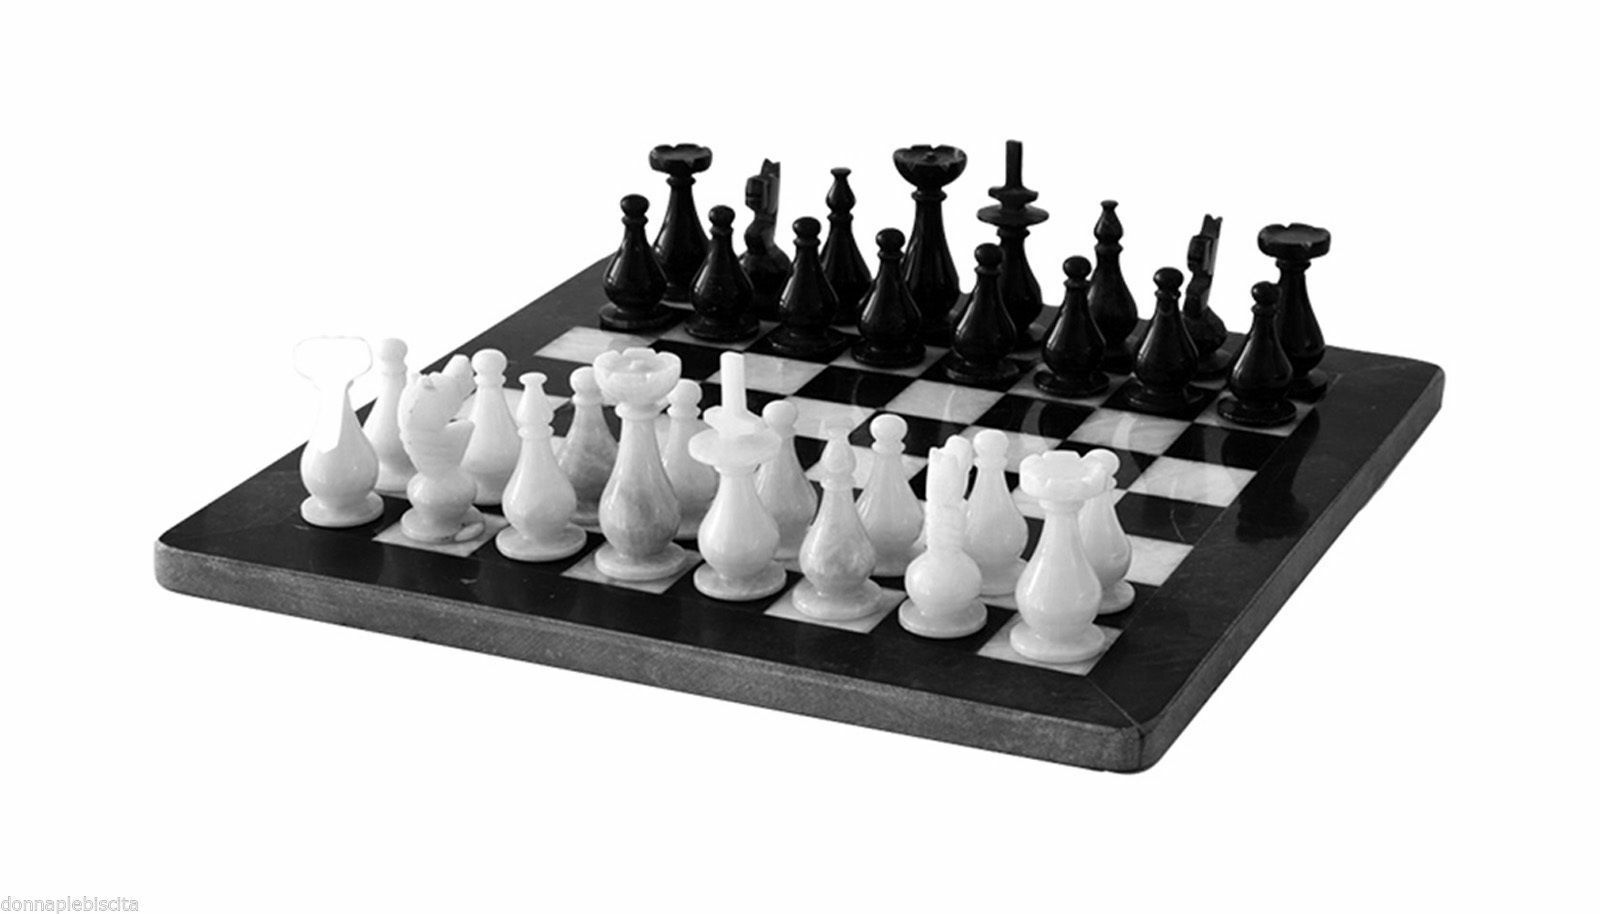 Schachbrett Schachbrett Schachbrett Klassische aus Tabelle Marmor Schwarz-Weiss Italienische 40cm 642a13